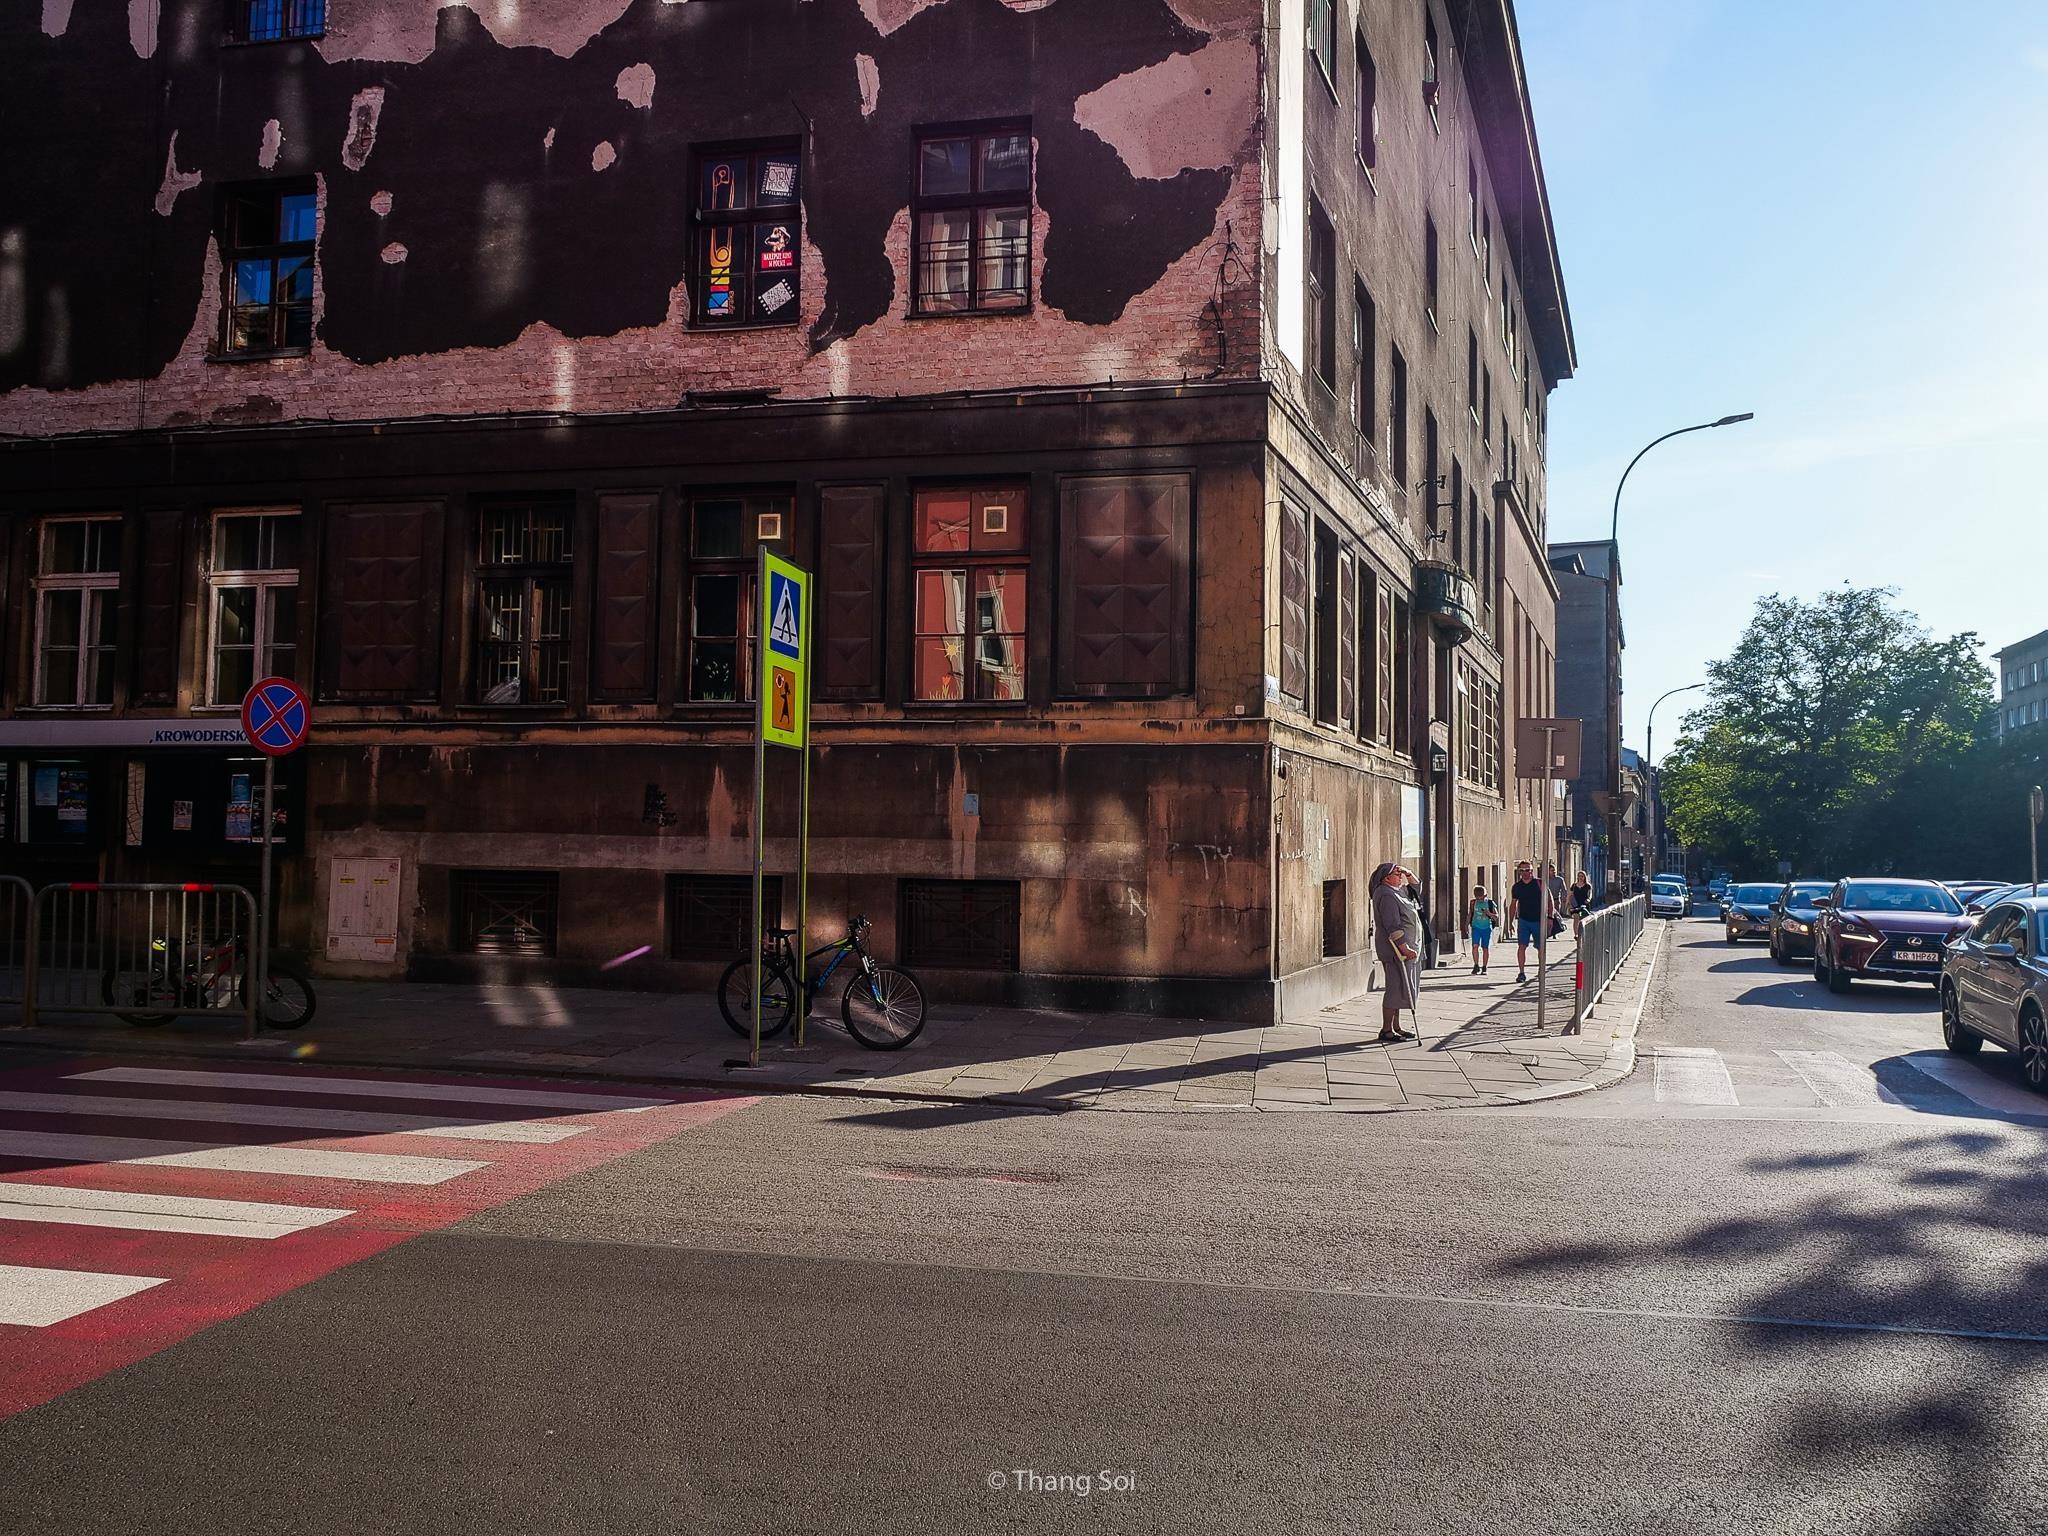 Krakow, kinh do co phai ghe tham khi den Ba Lan hinh anh 24